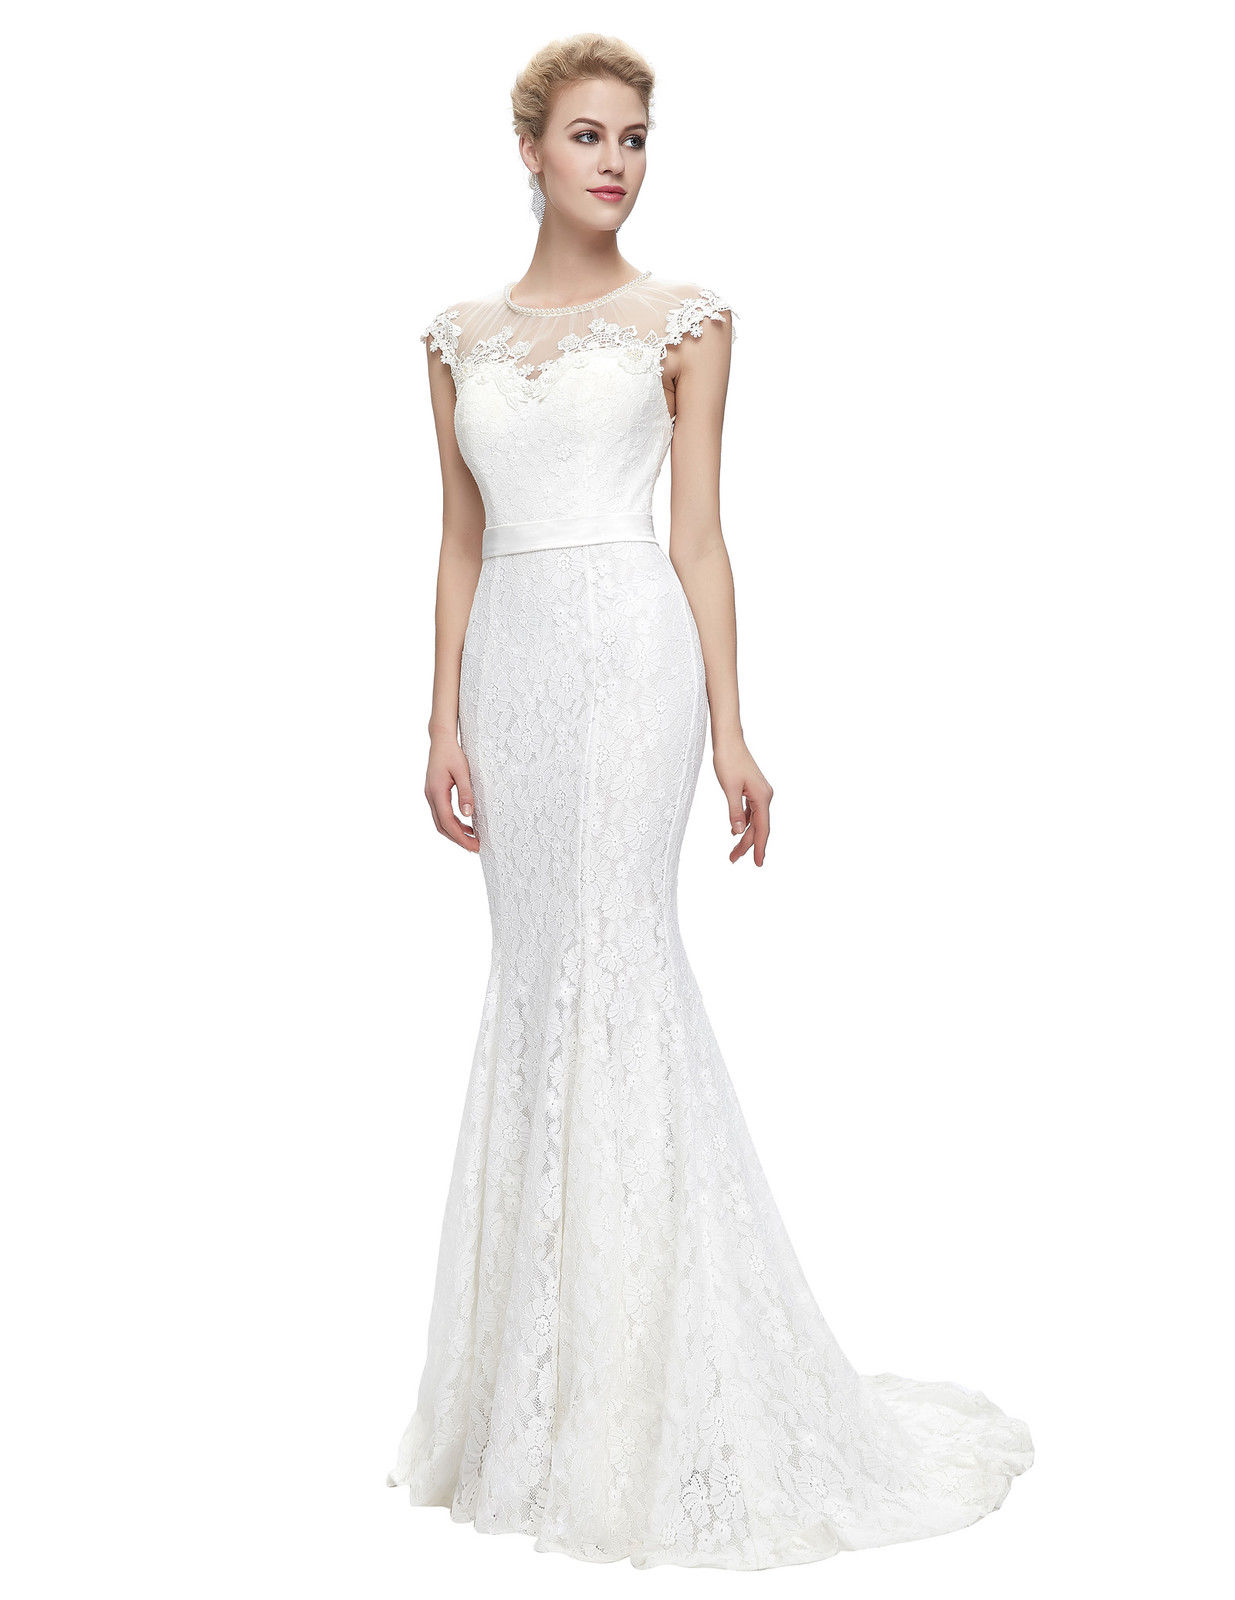 Bílé dlouhé svatební šaty krajkové pouzdrové s mini rukávkem 38 M ... 25dd7cfa42